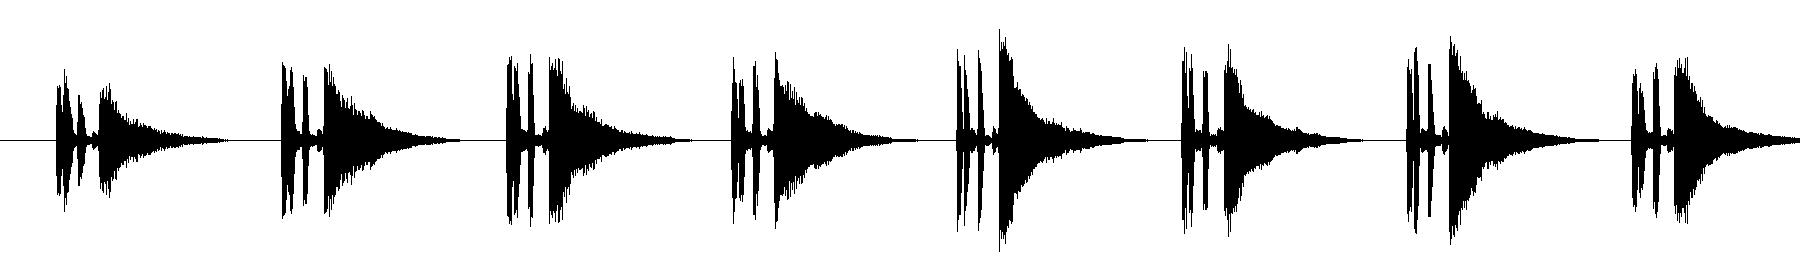 hm 122 b epiano29